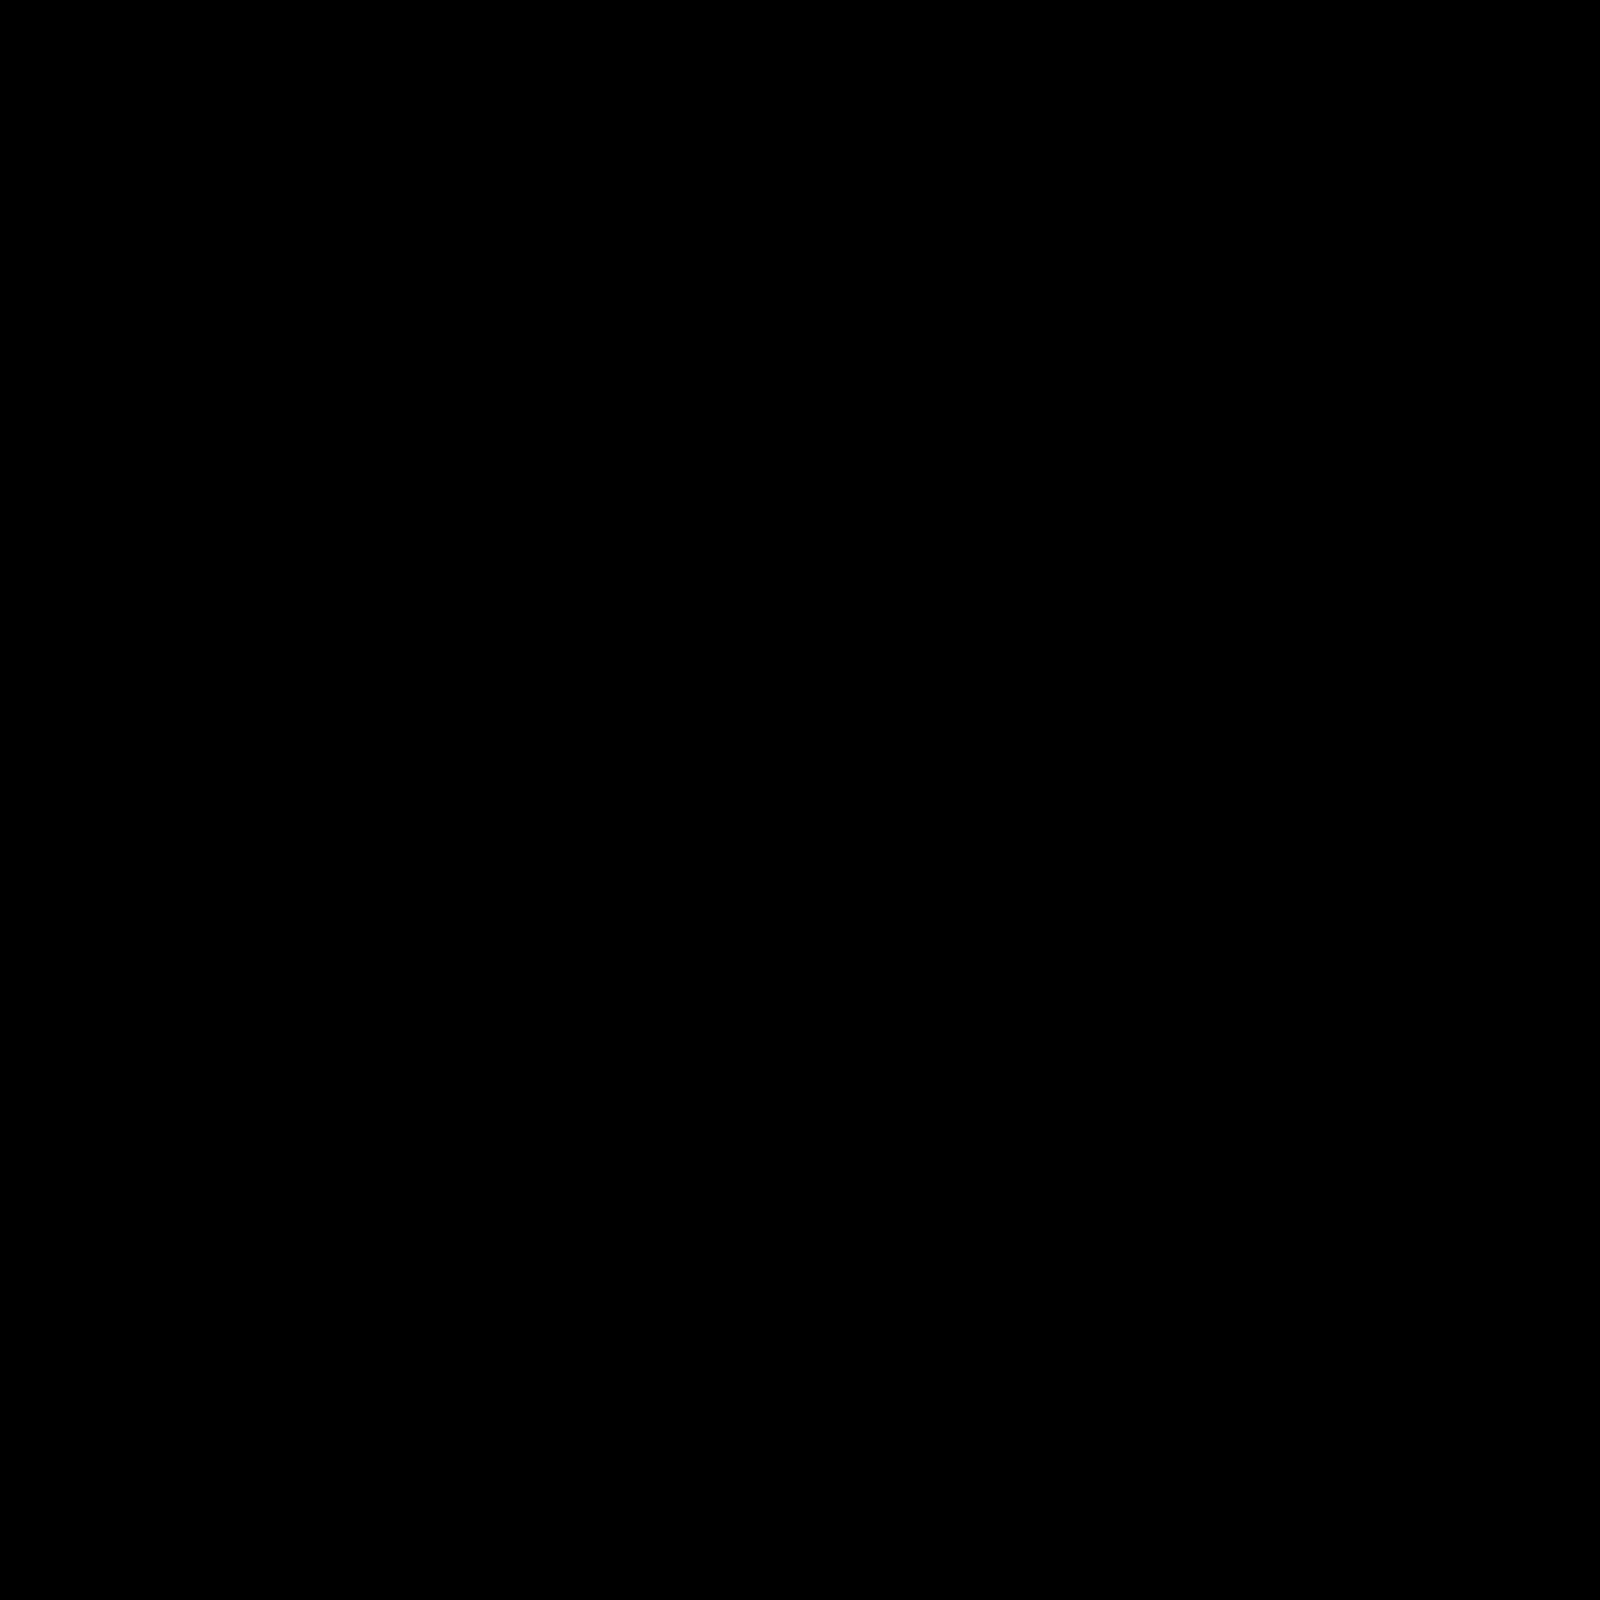 Interruptor de 2 posiciones icon